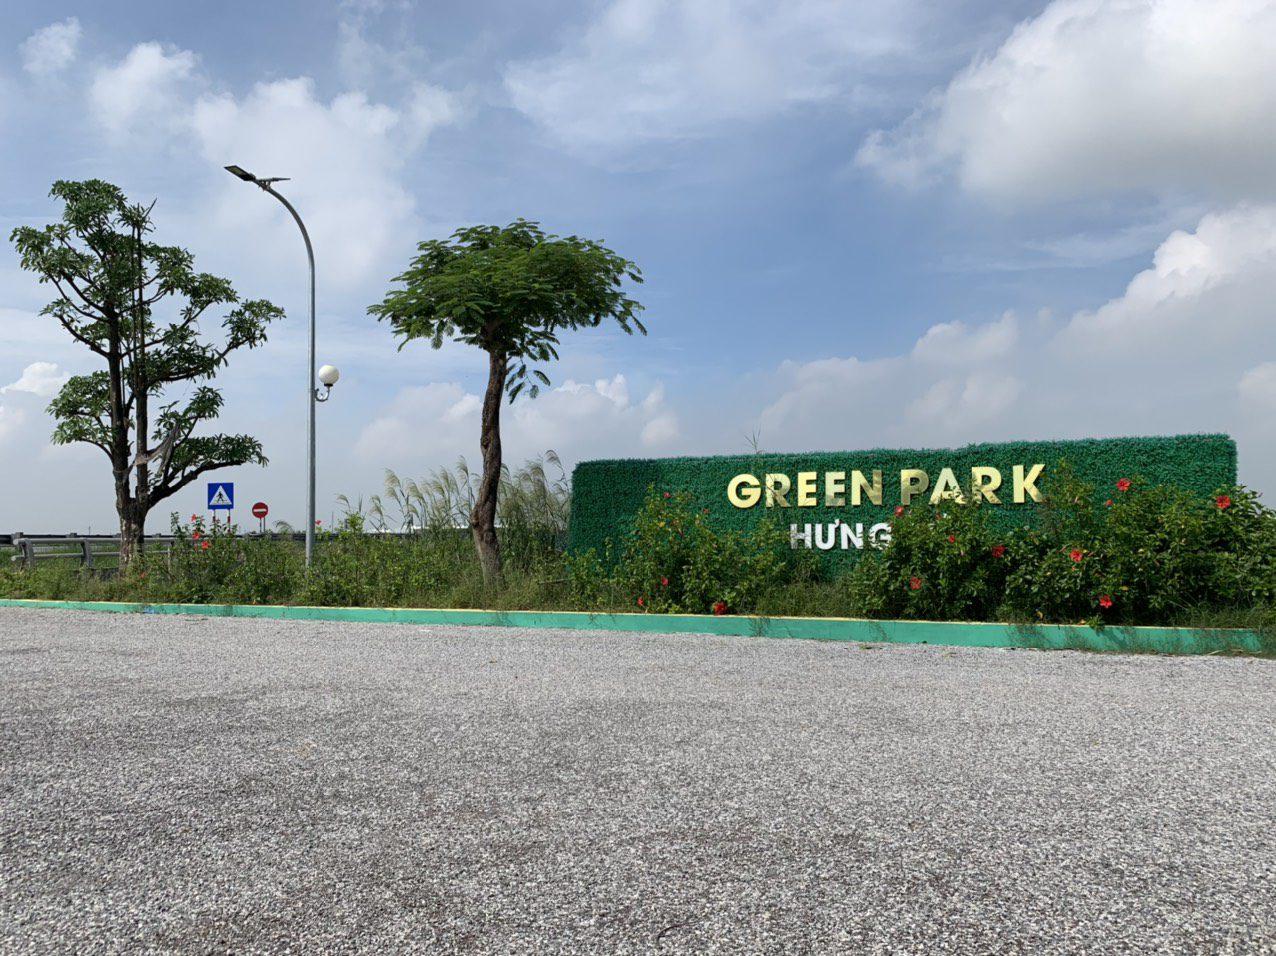 Cổng chào Green Park Hưng Hà Thái Bình